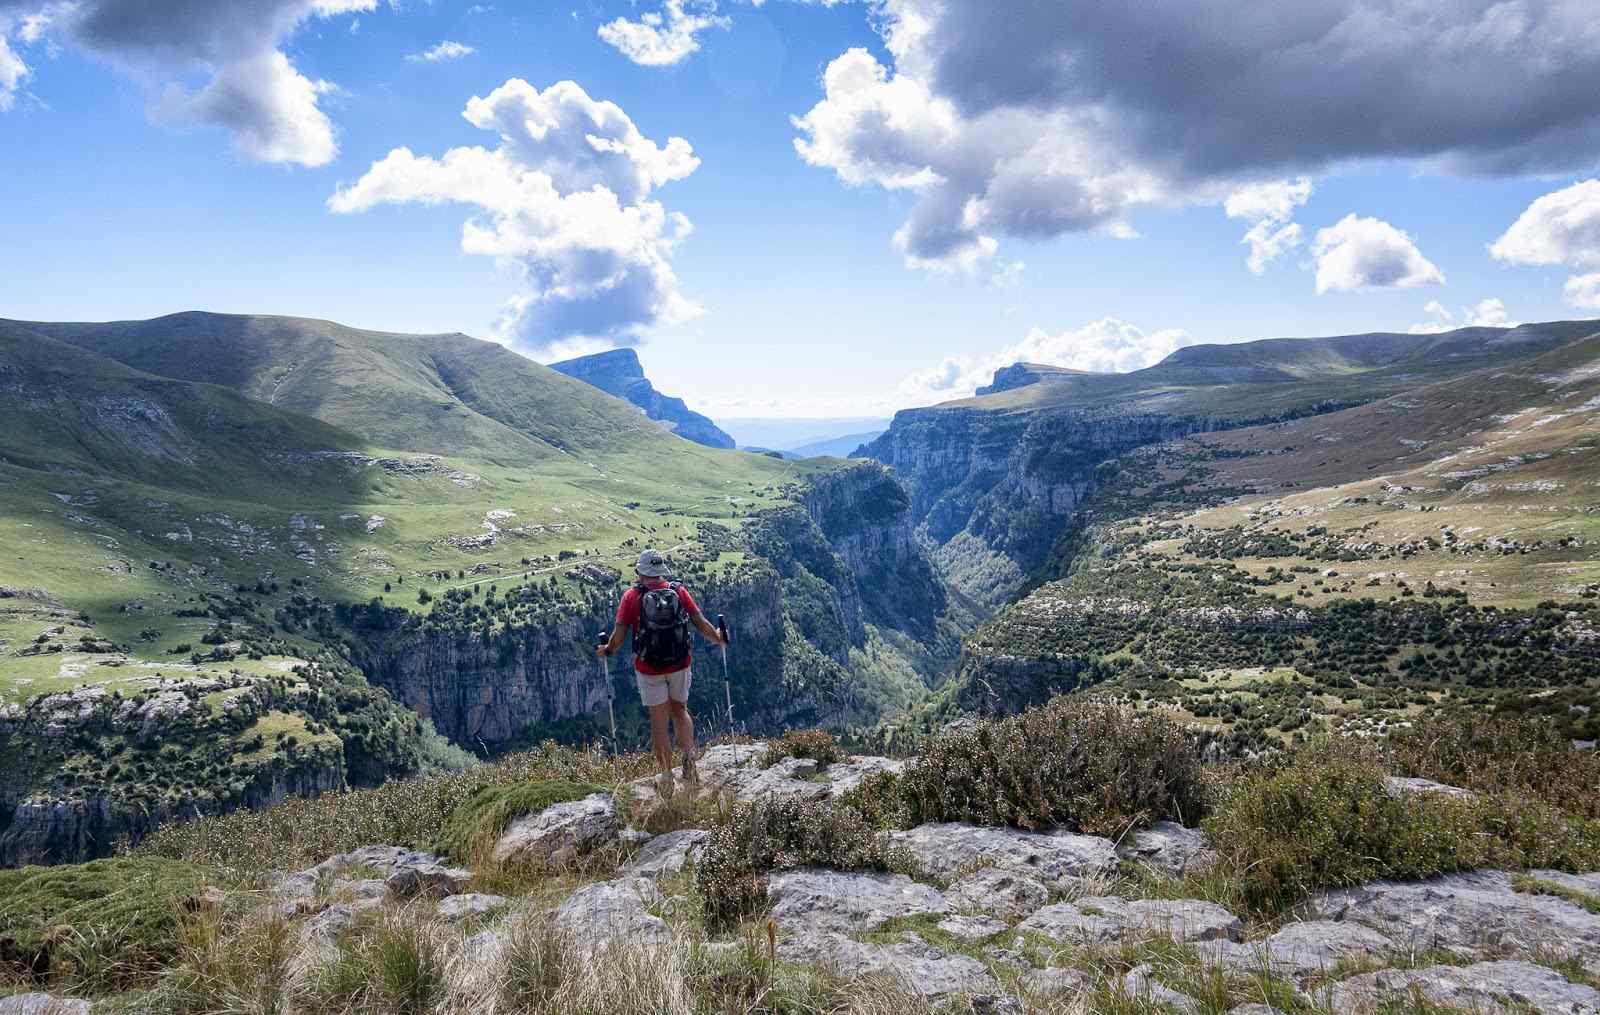 Ven a descubrir el paraíso del Cañón de Añisclo 🚘 Ruta en coche con pequeñas excursiones